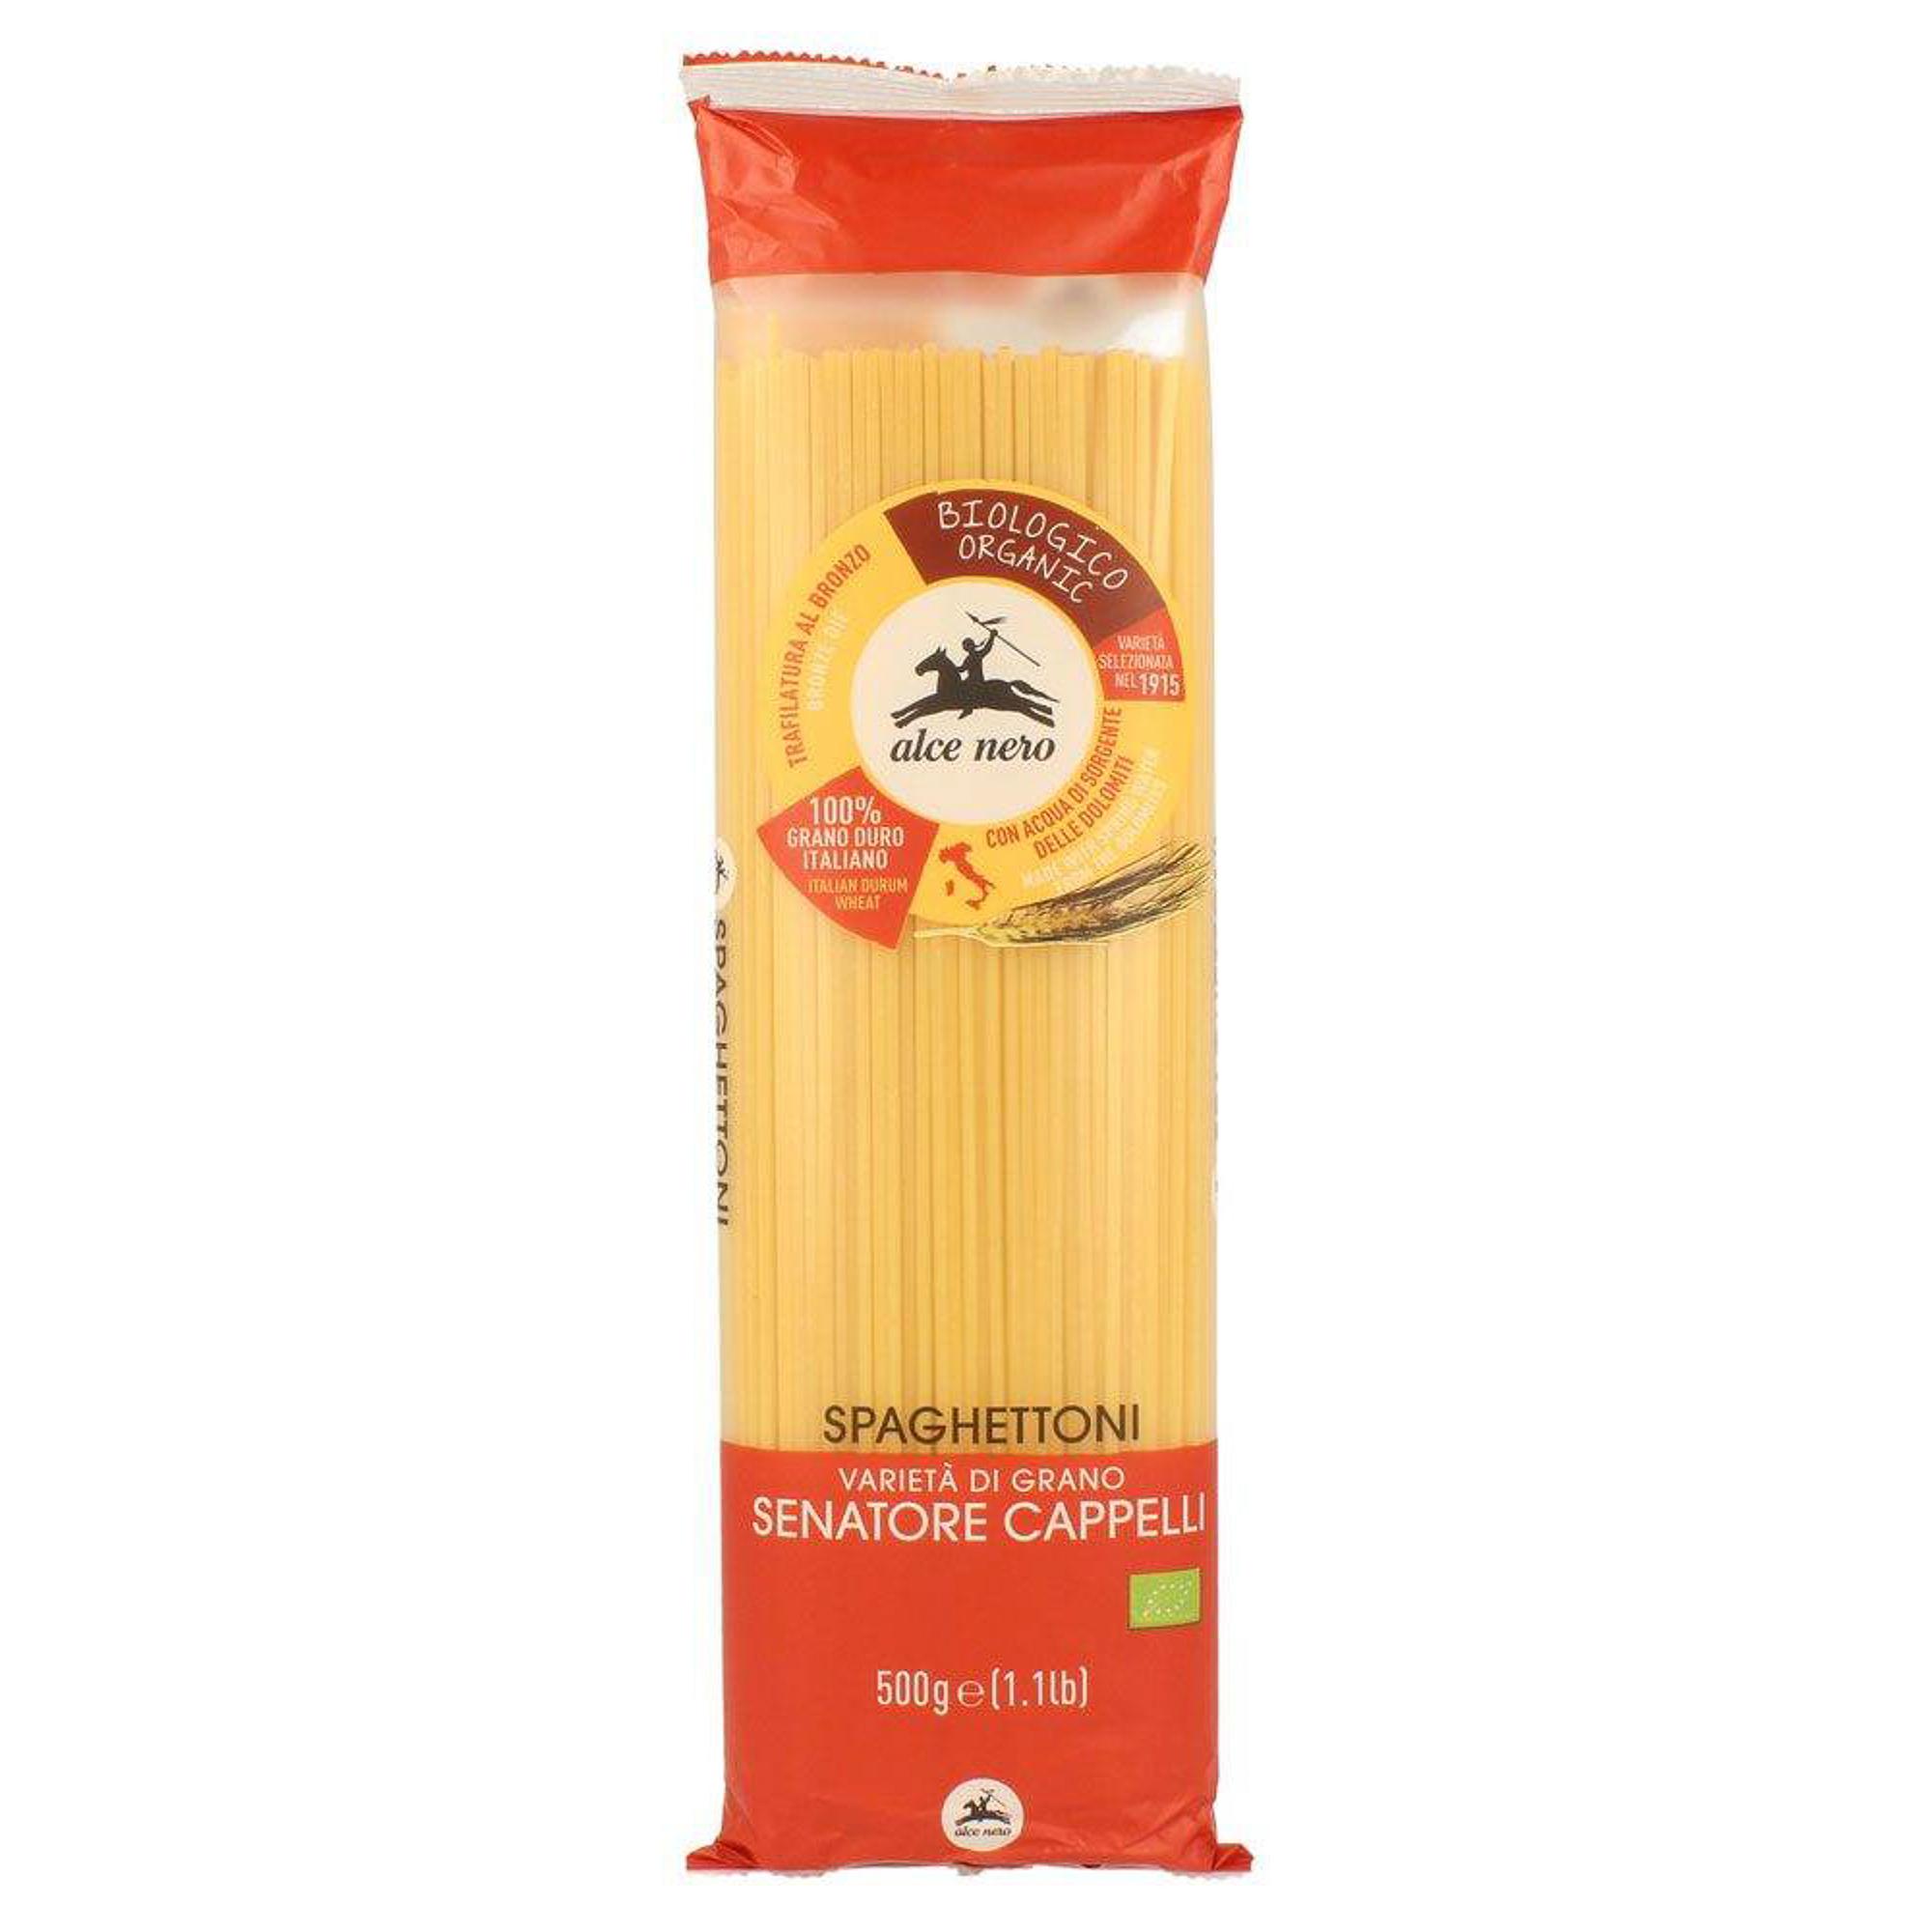 шоколад alce nero горький плиточный 100 г Спагетти Alce Nero Spaghettoni из семолины (дурум) 500 г